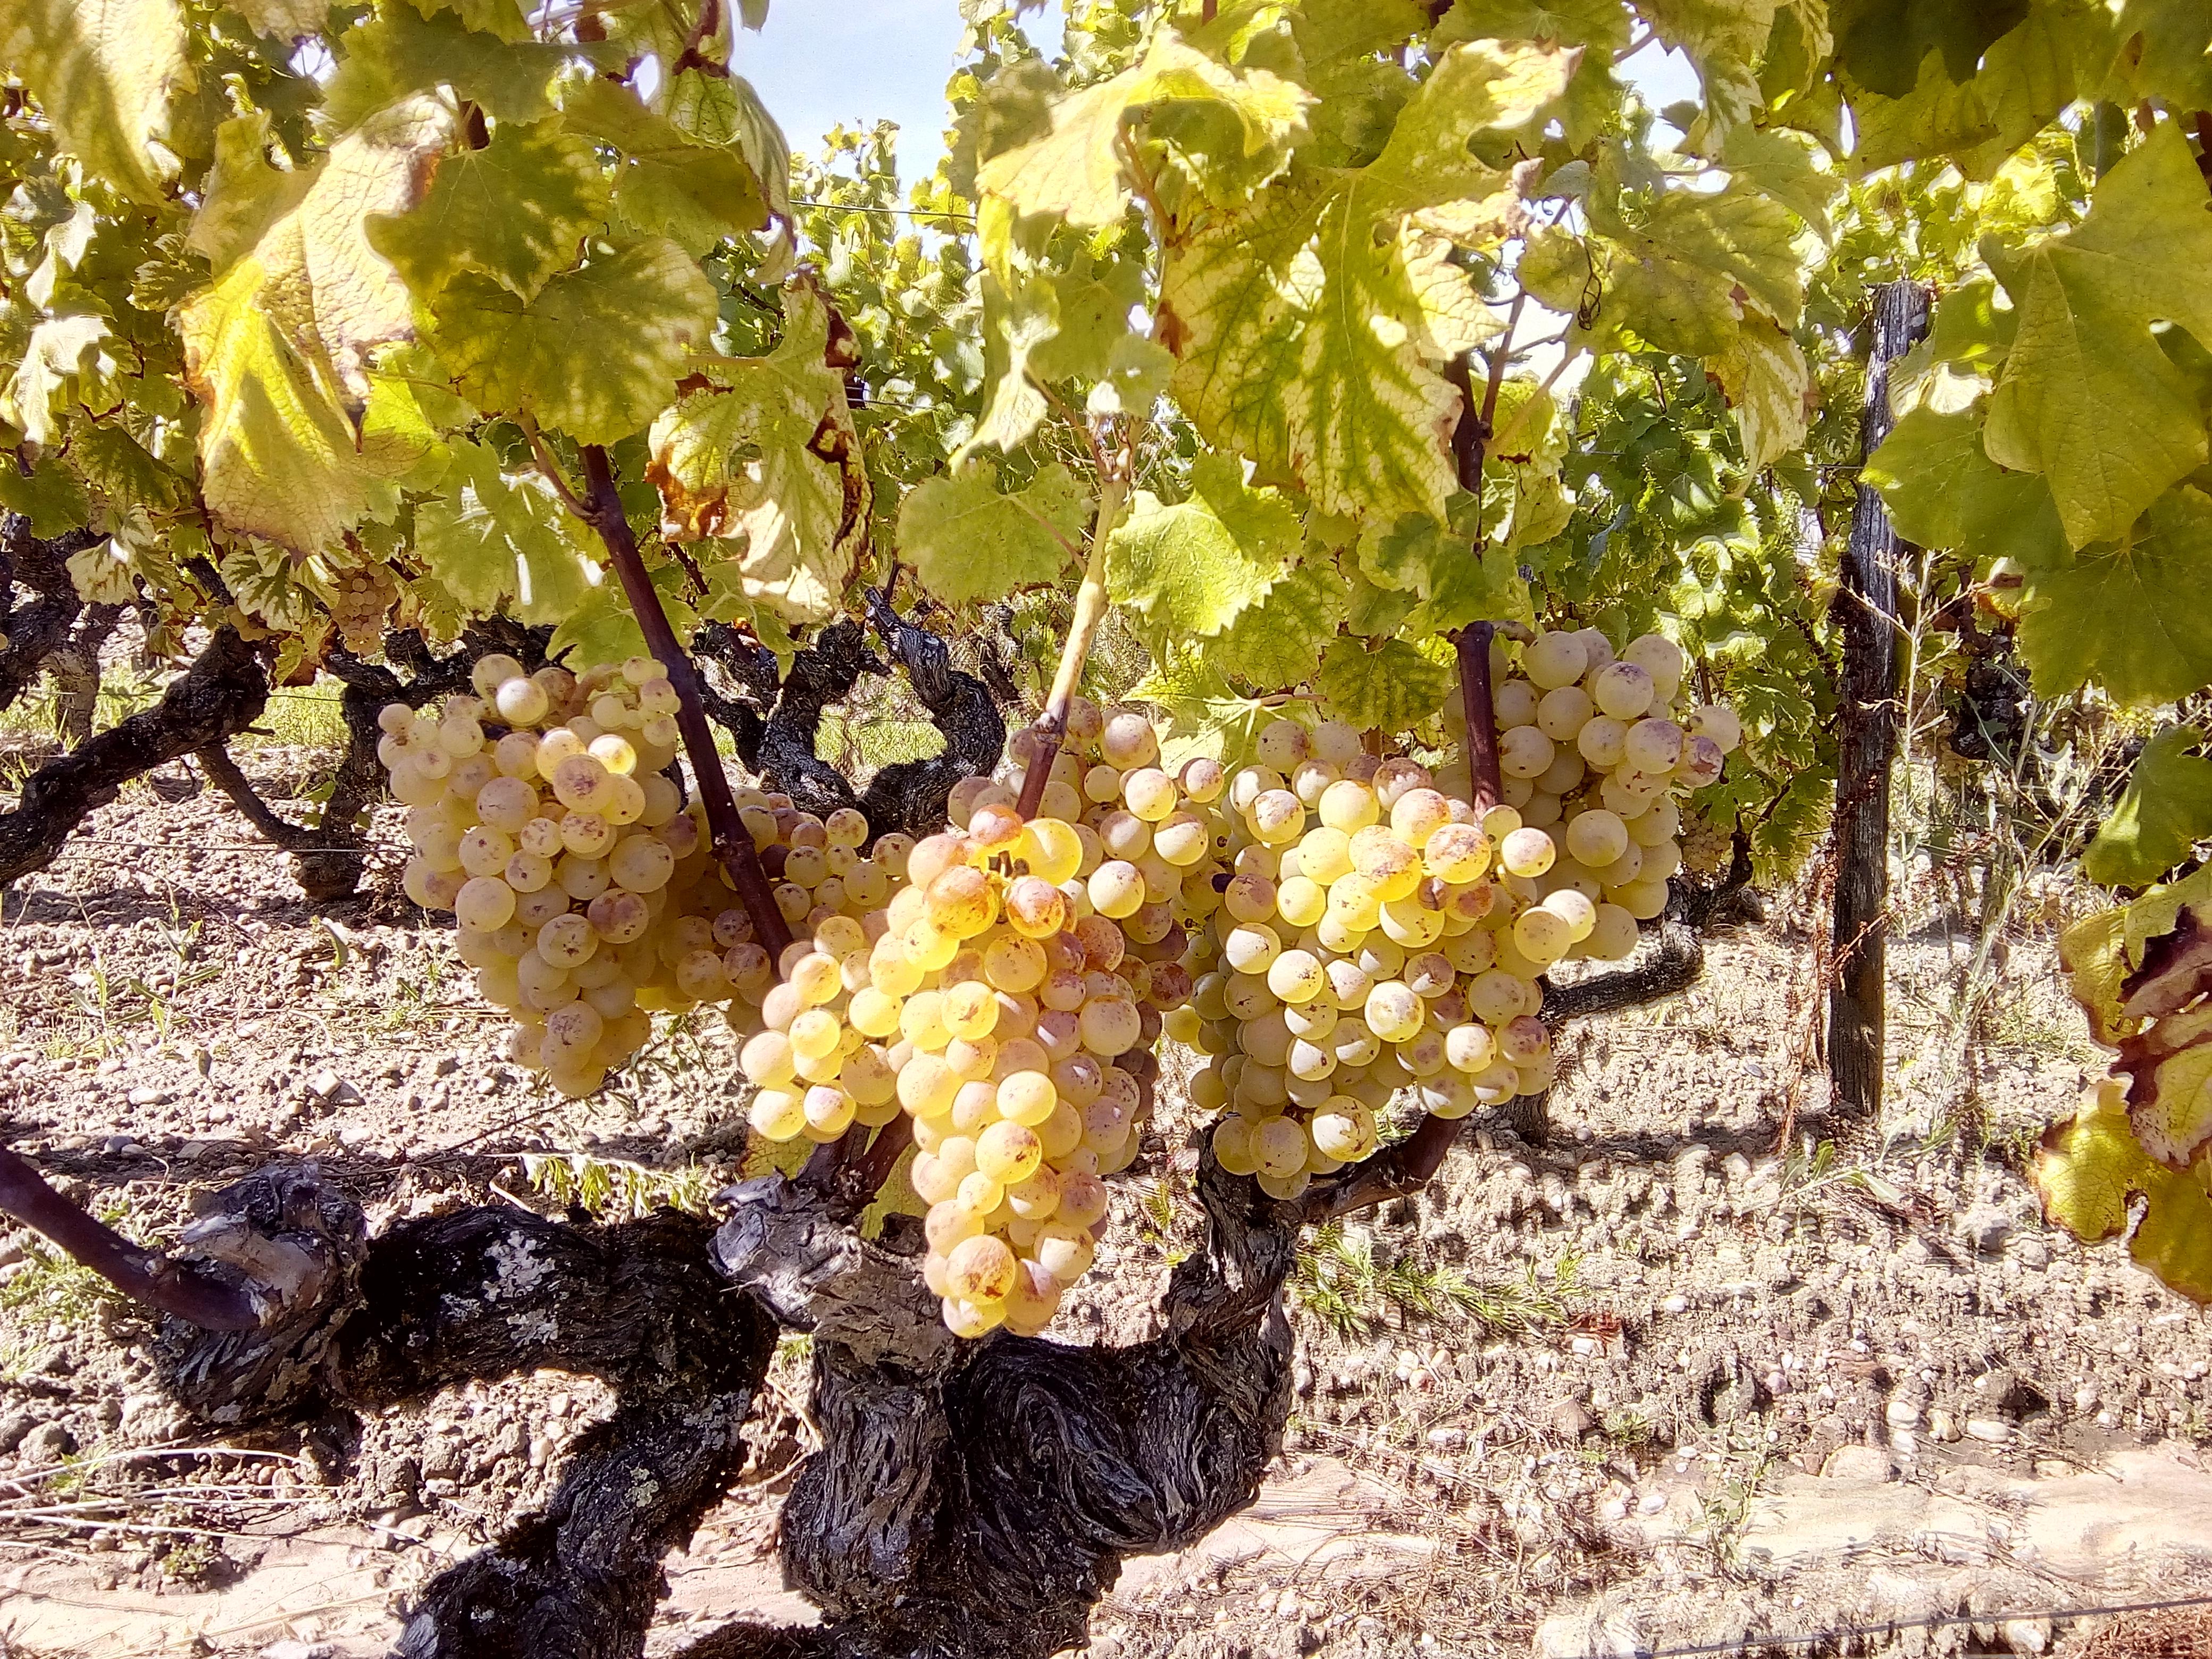 Sauternes grapes